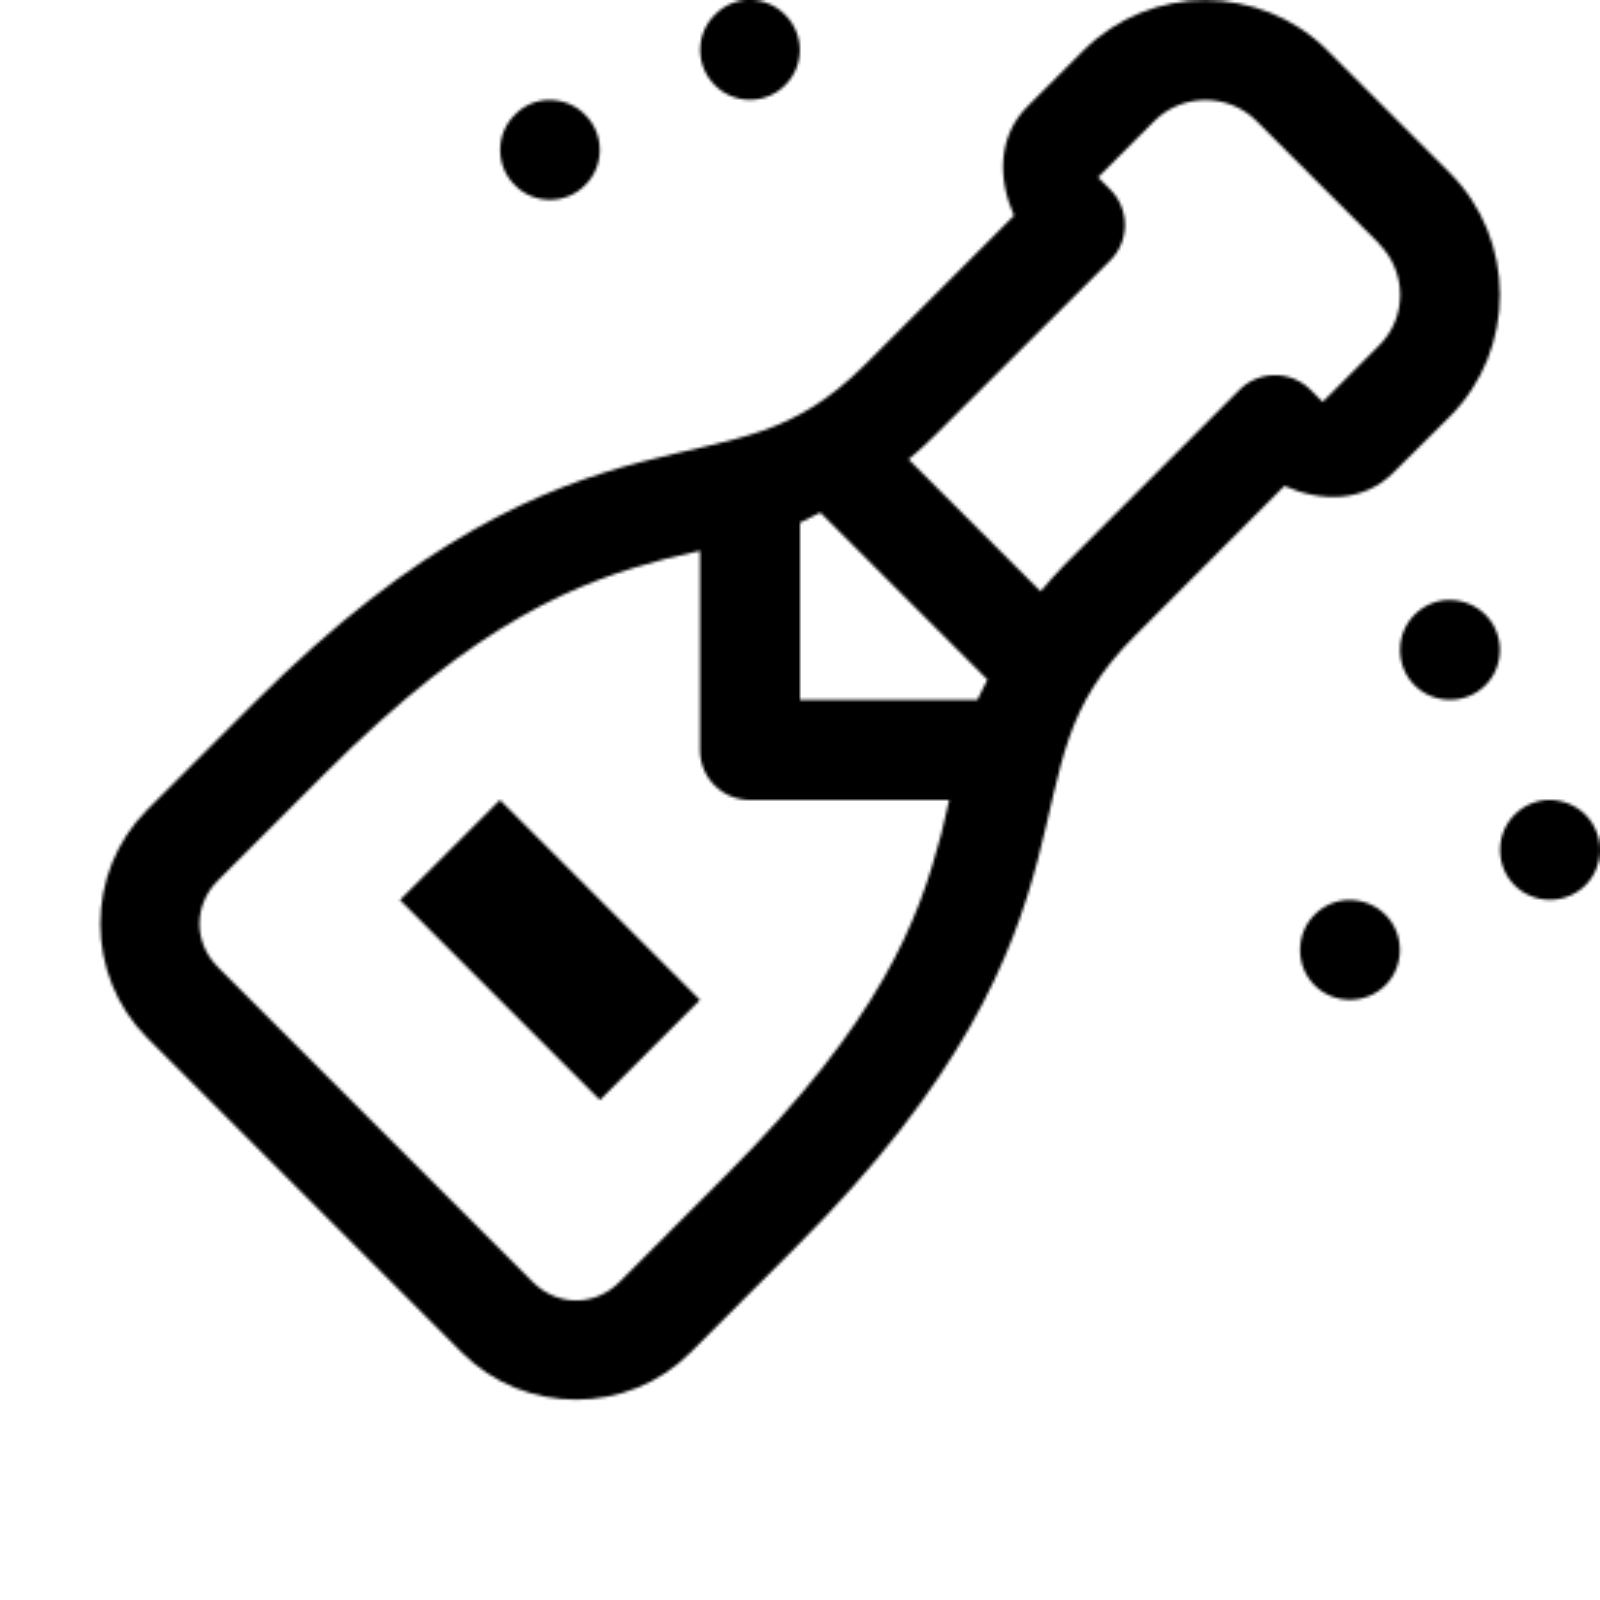 Butelka szampana icon